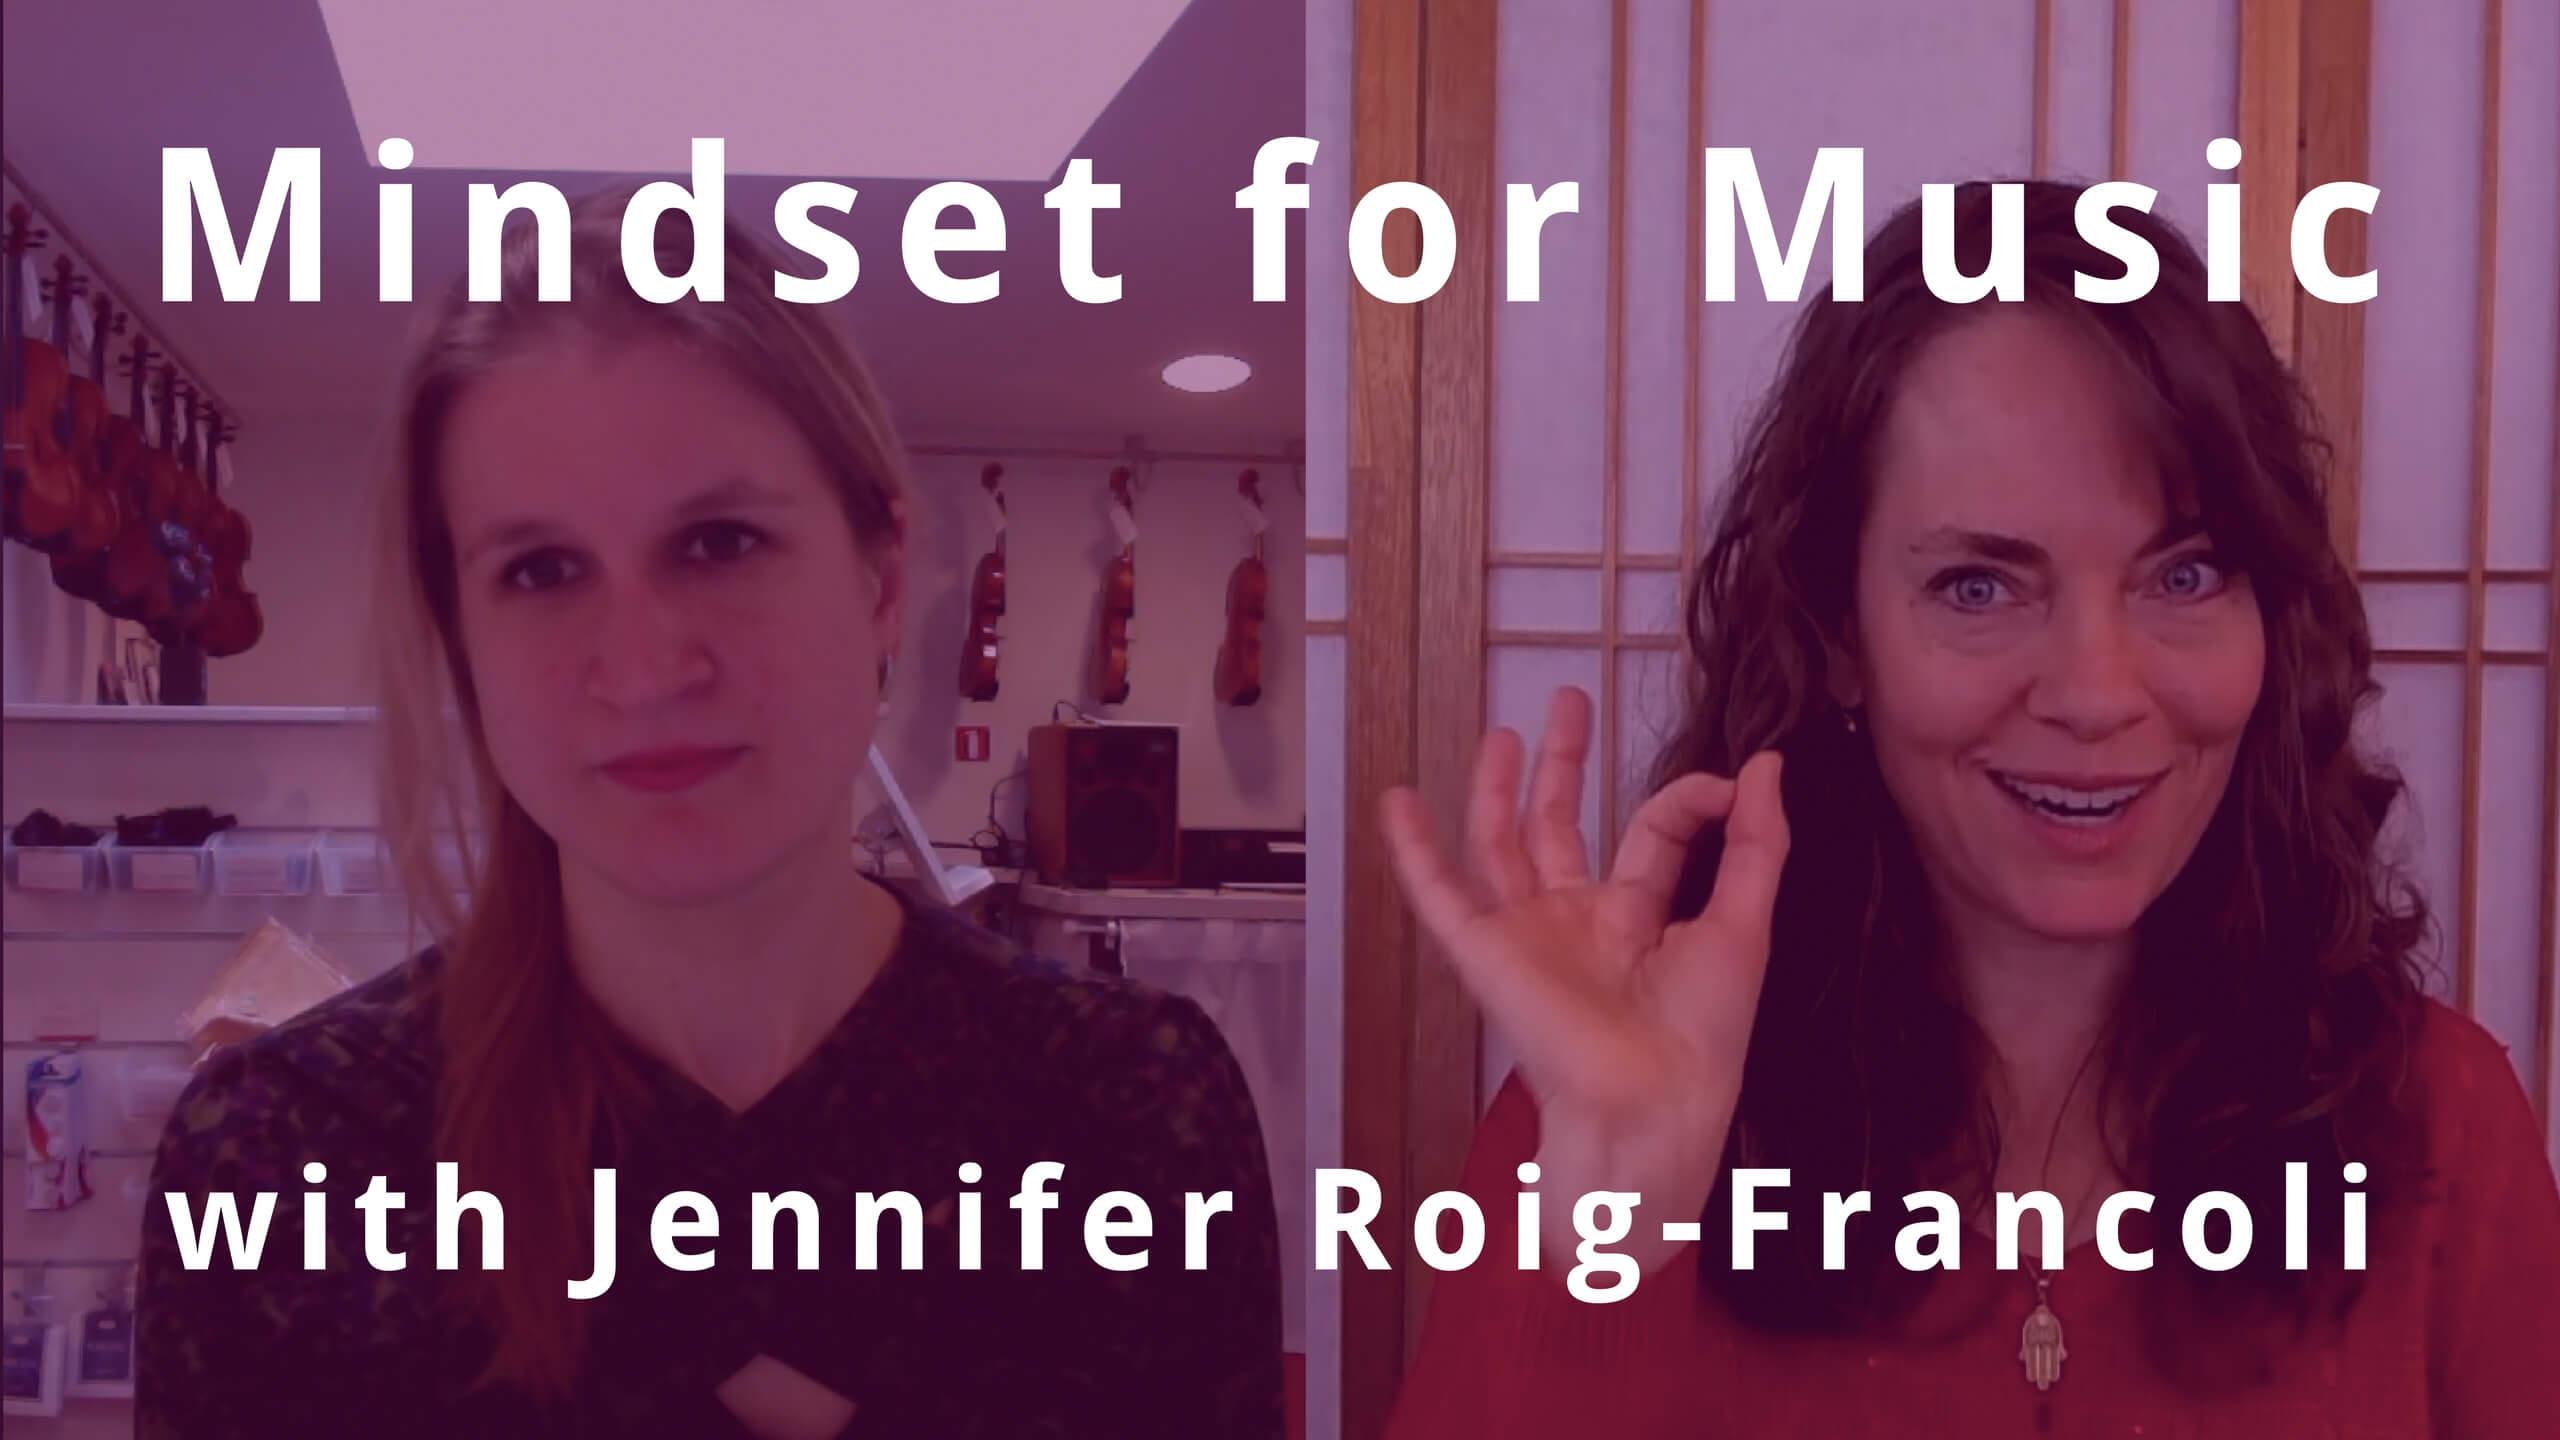 Mindset for Music